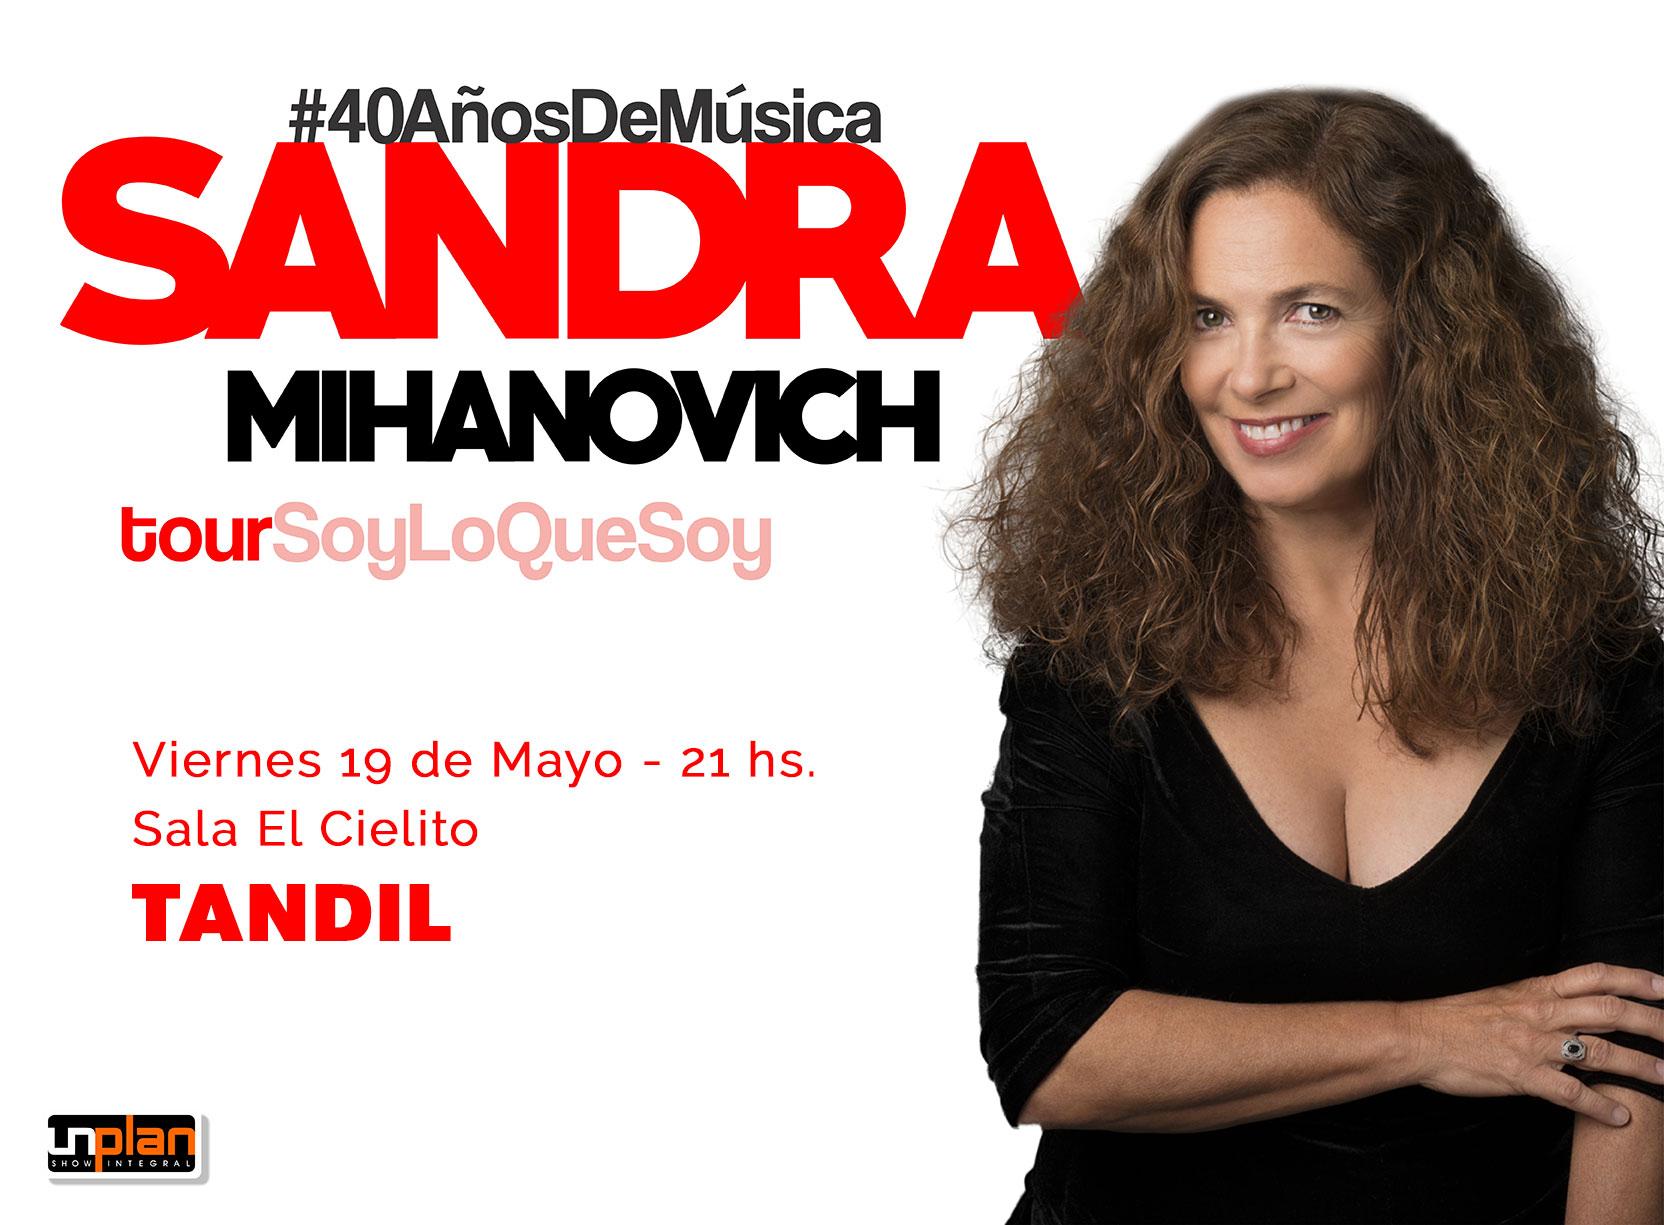 Viernes 19 de Mayo - 21 hs - Sala El Cielito